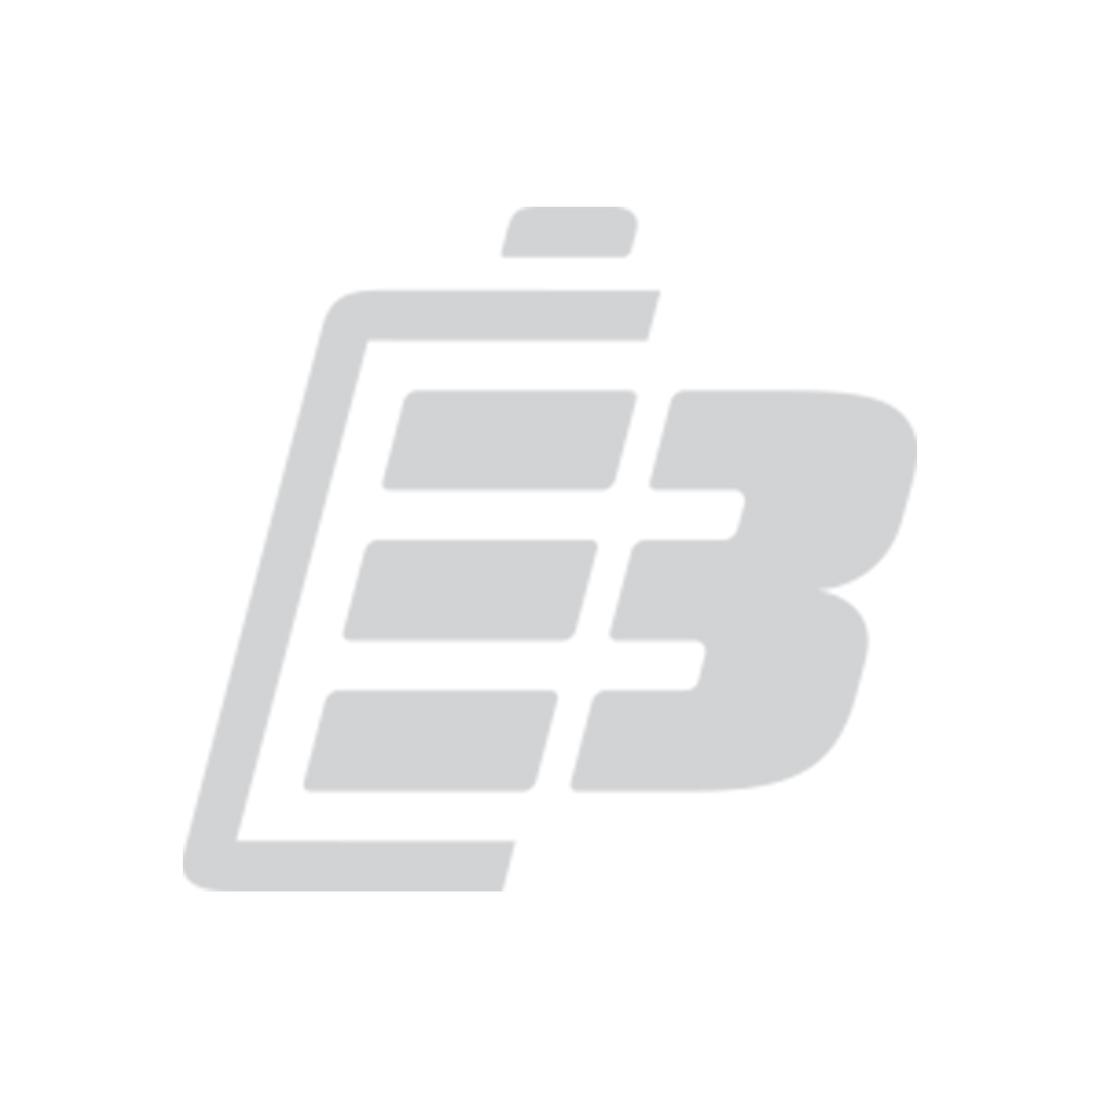 Camera battery Nikon EN-EL1_1